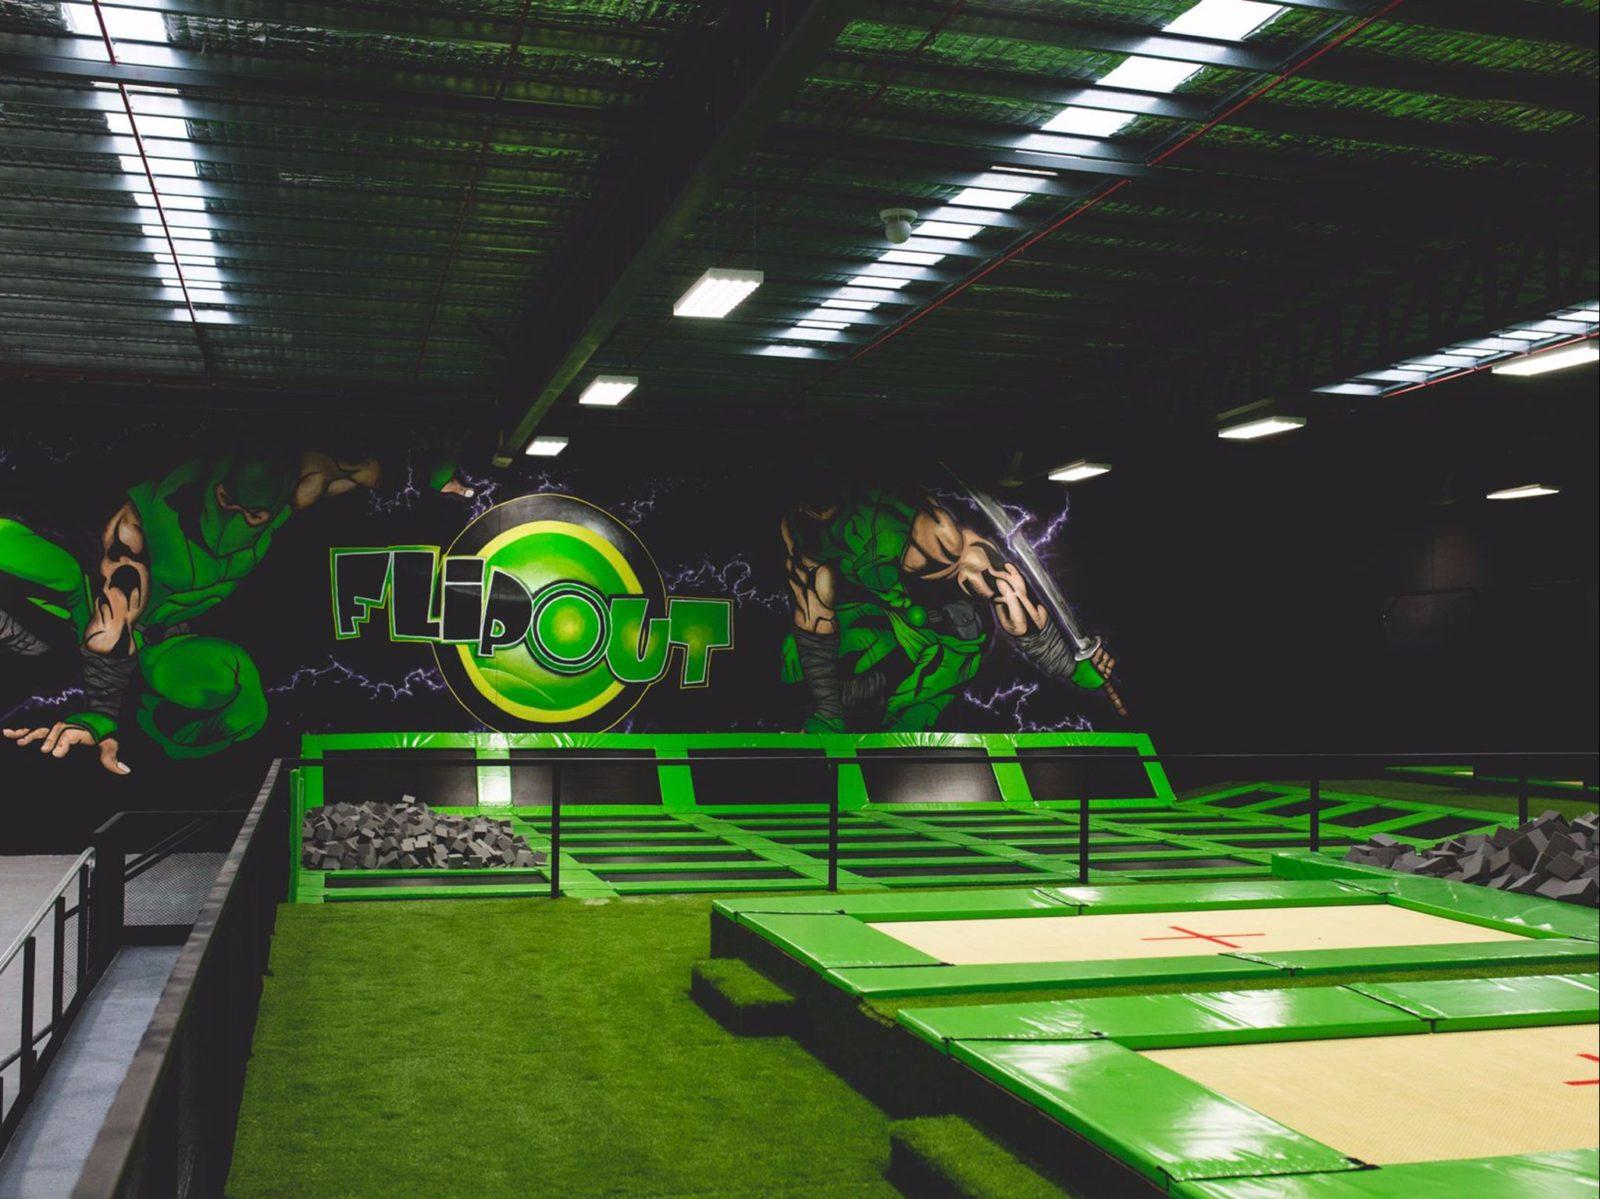 Indoor trampolines